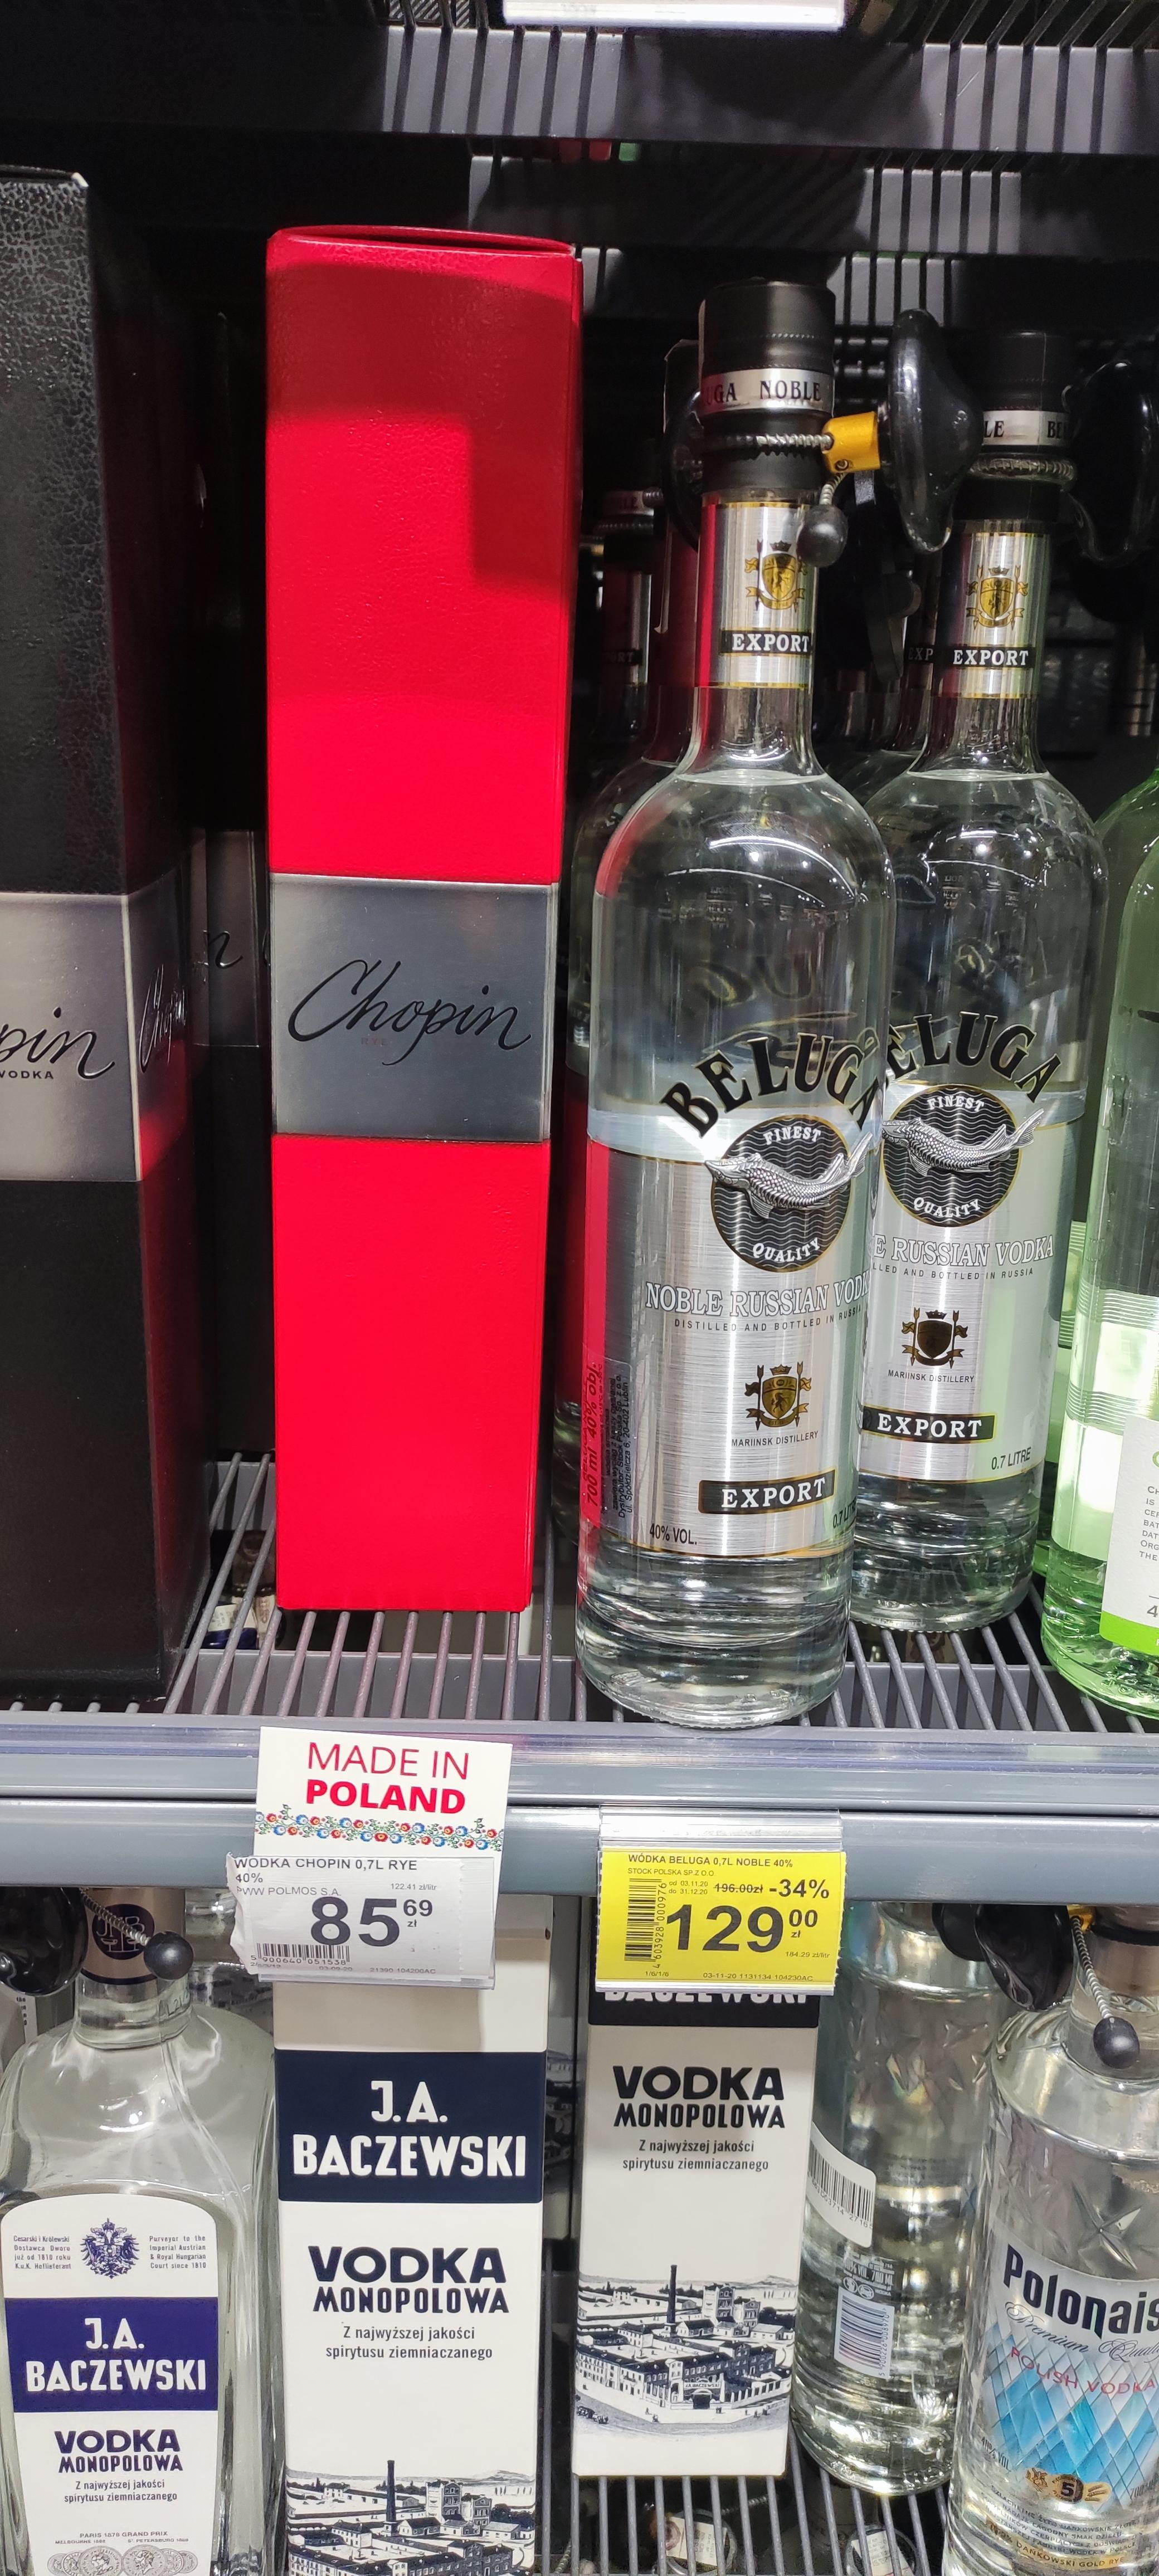 BELUGA NOBLE RUSSIAN VODKA EXPORT 0,7L Carrefour Wrocław